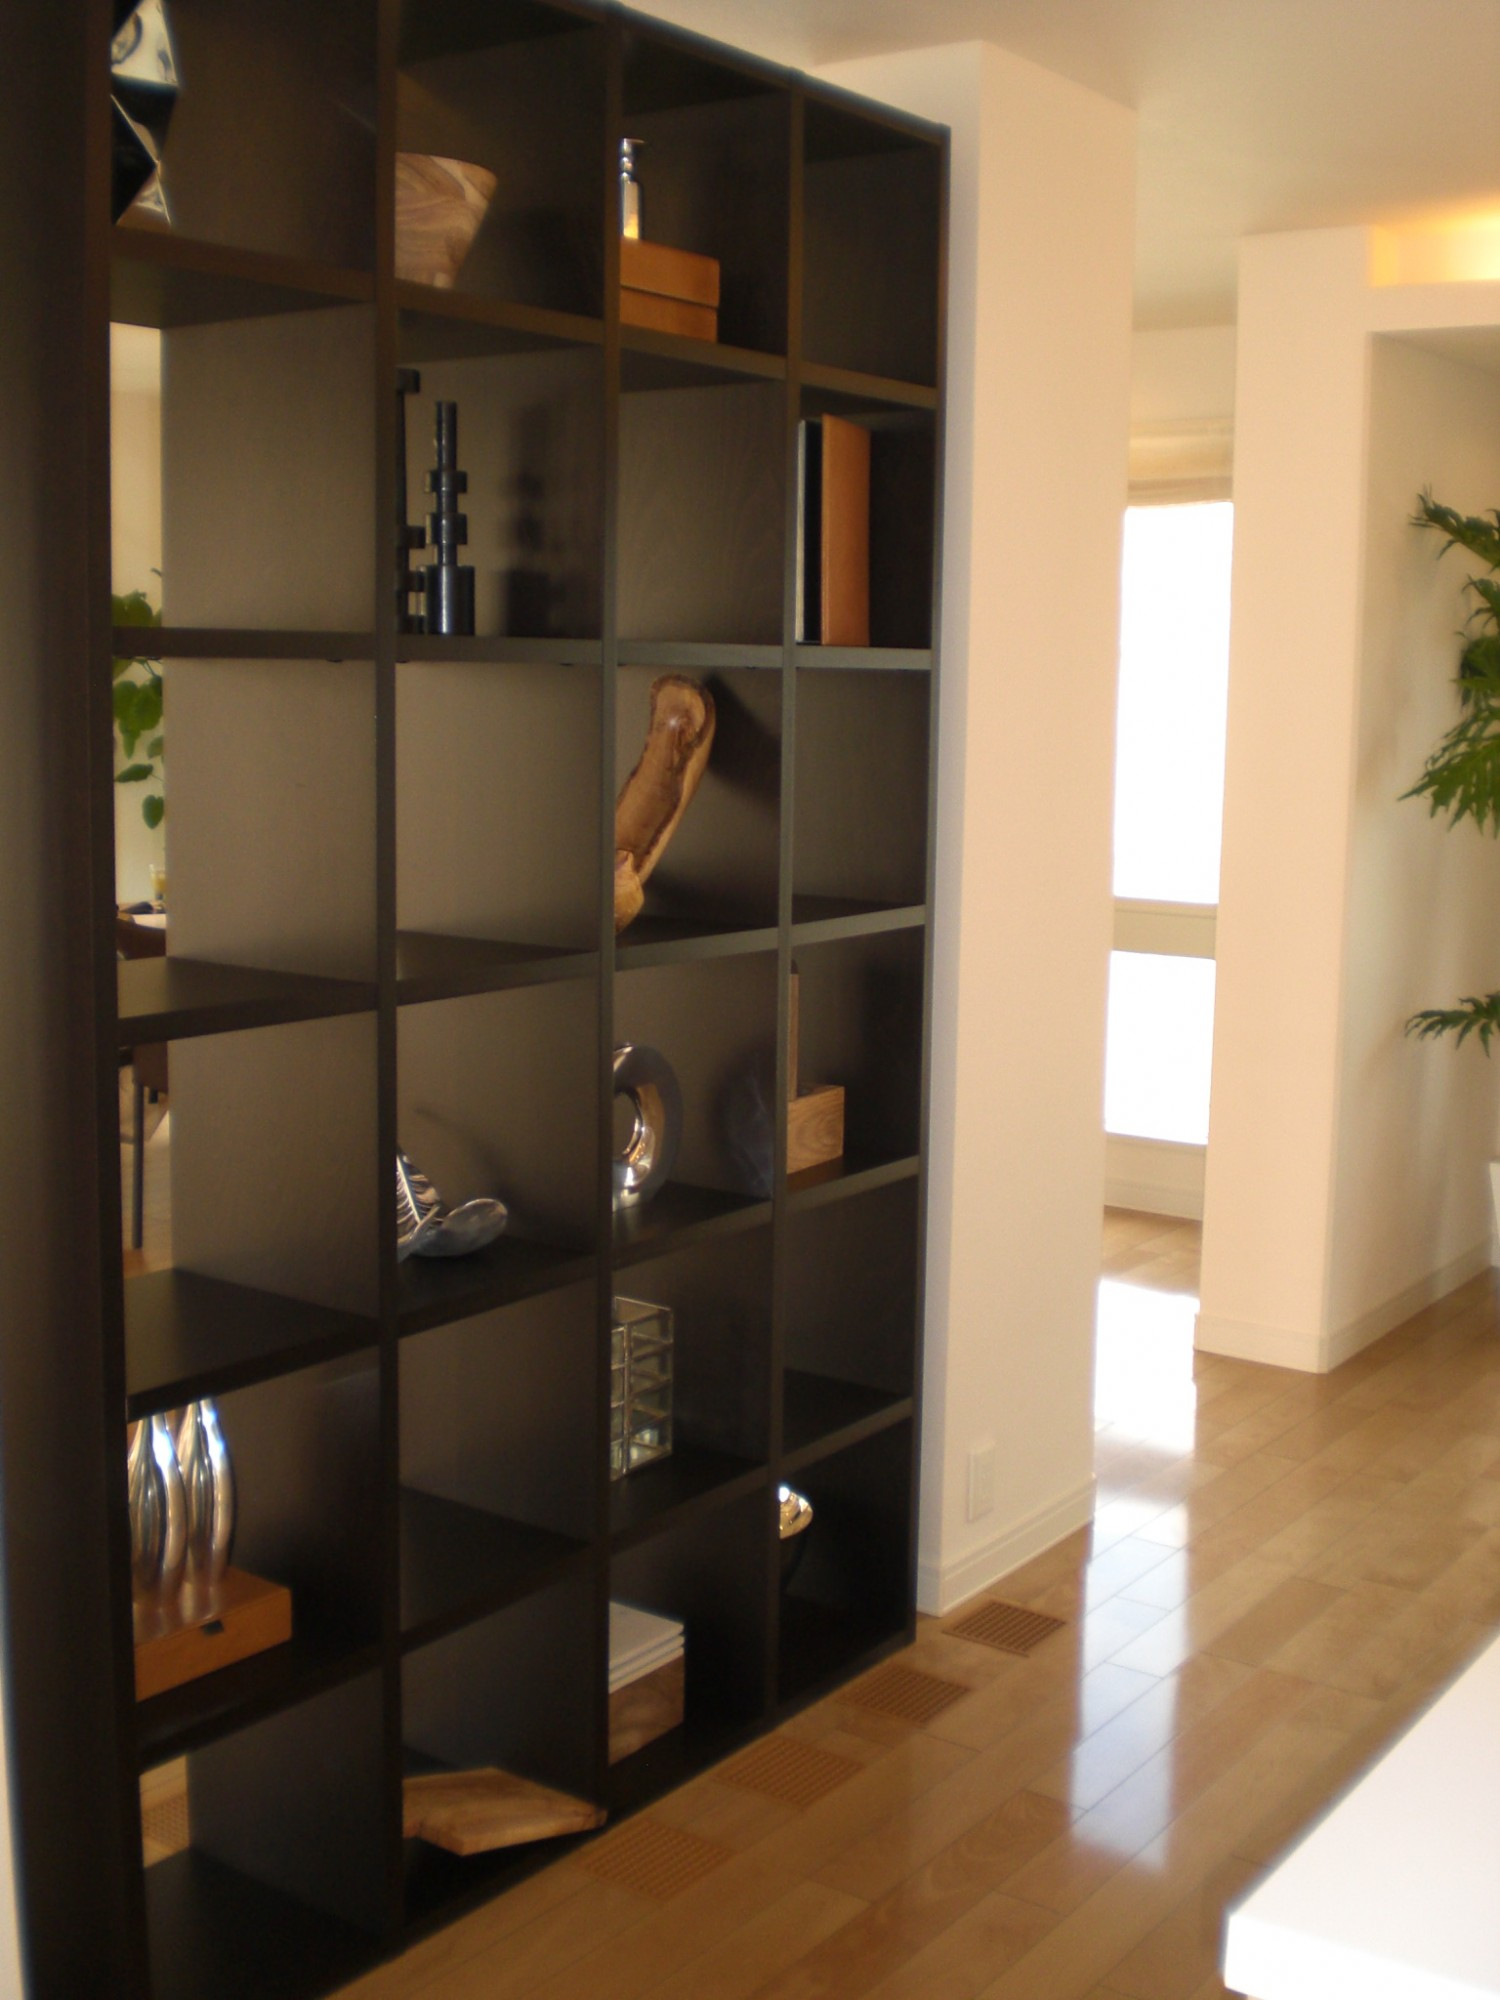 間仕切り収納家具として使えるオープン棚の効果とは?